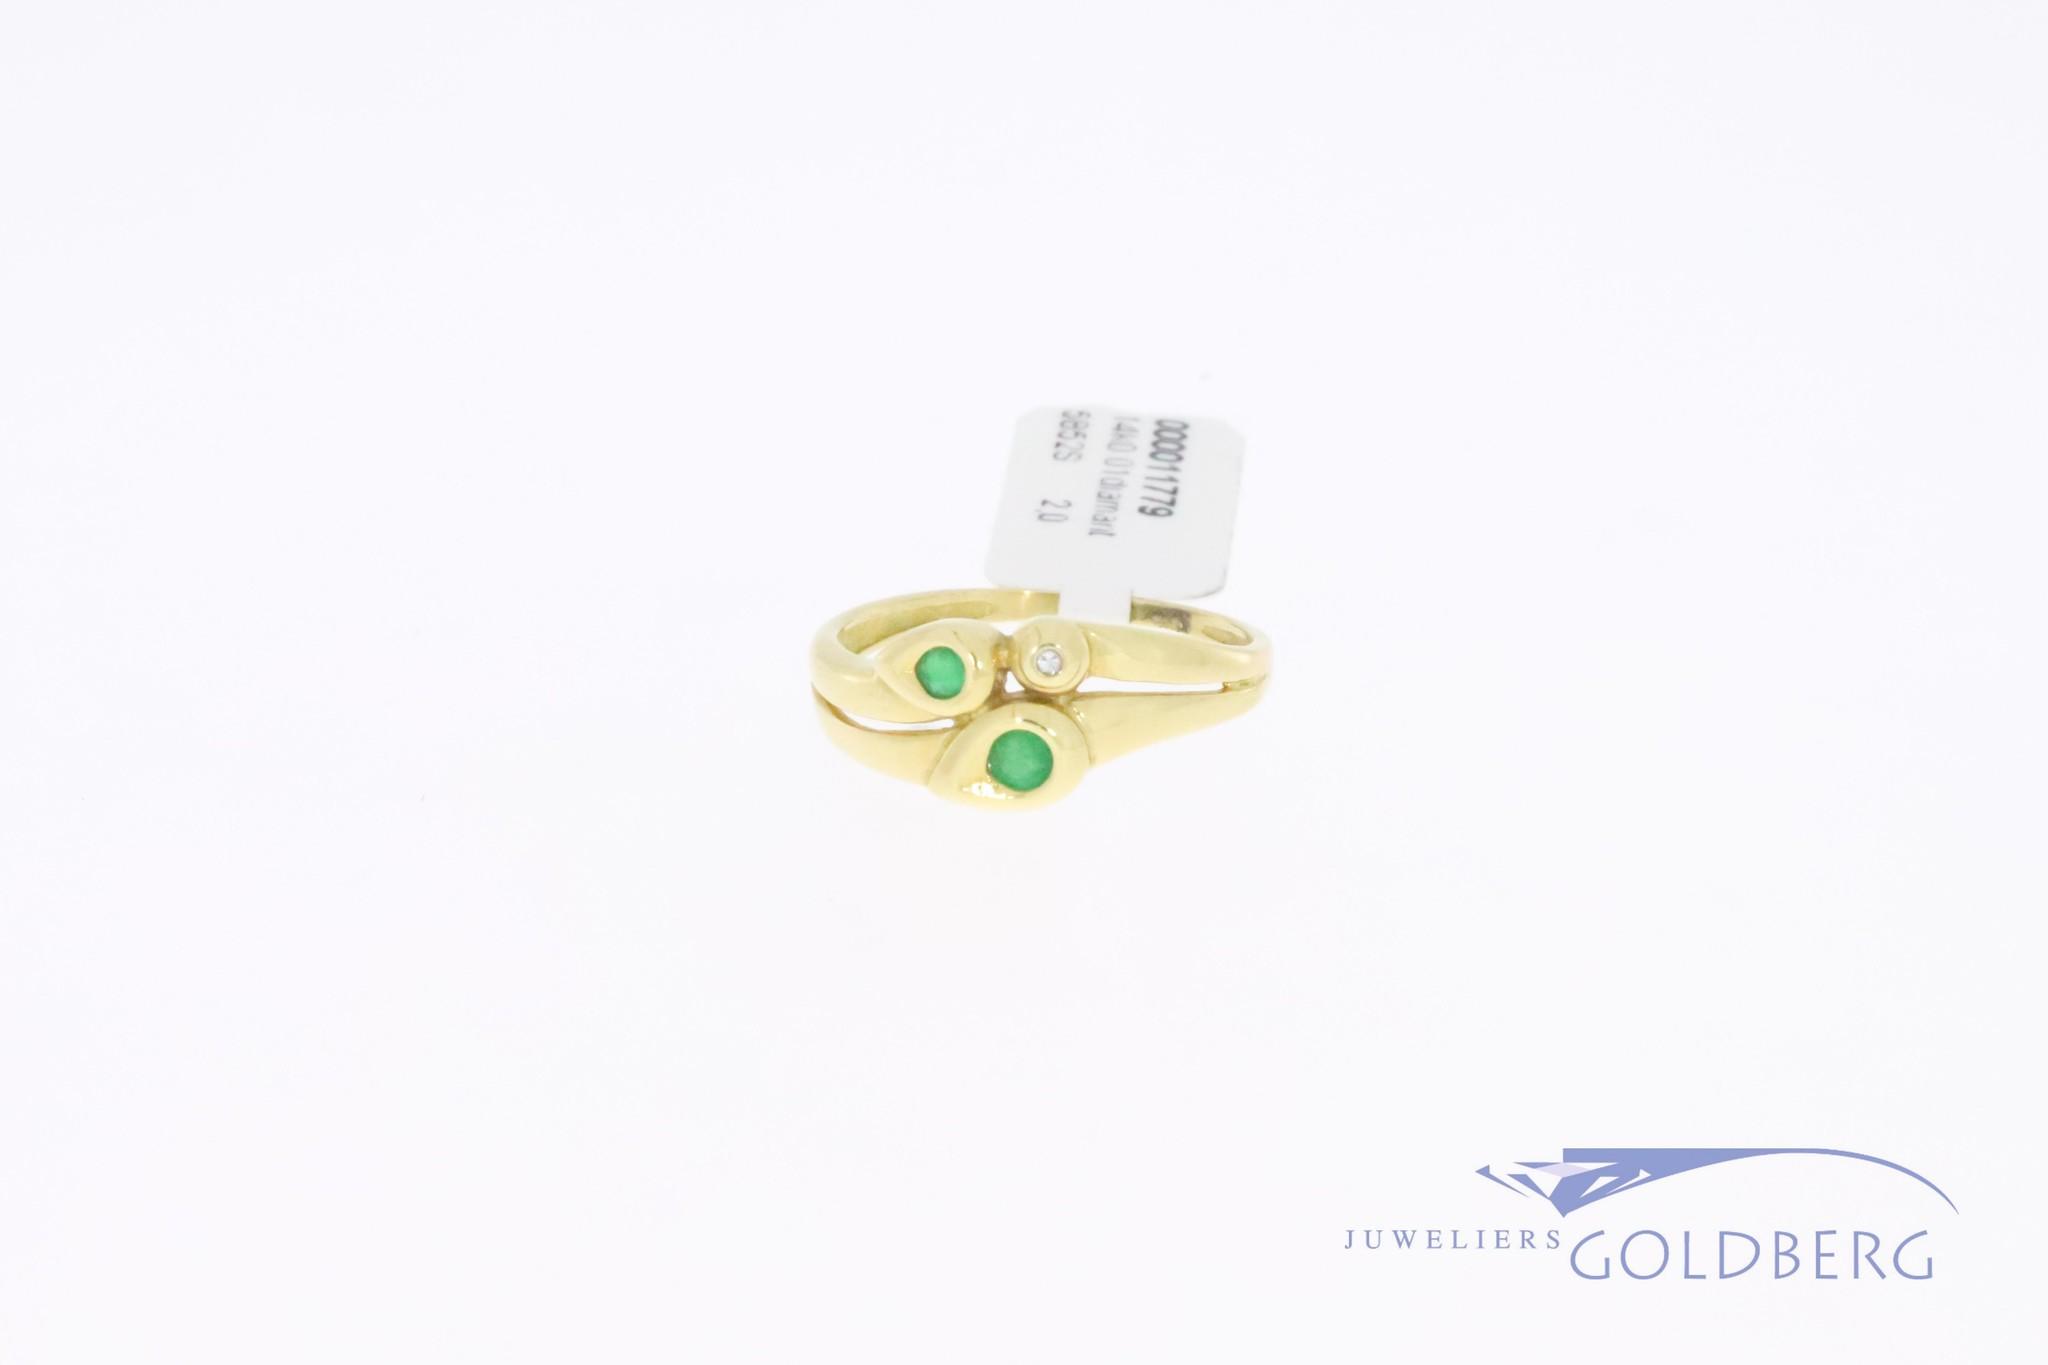 Fijne 14k gouden vintage fantasie ring met smaragd en 1x 8-kant geslepen diamant